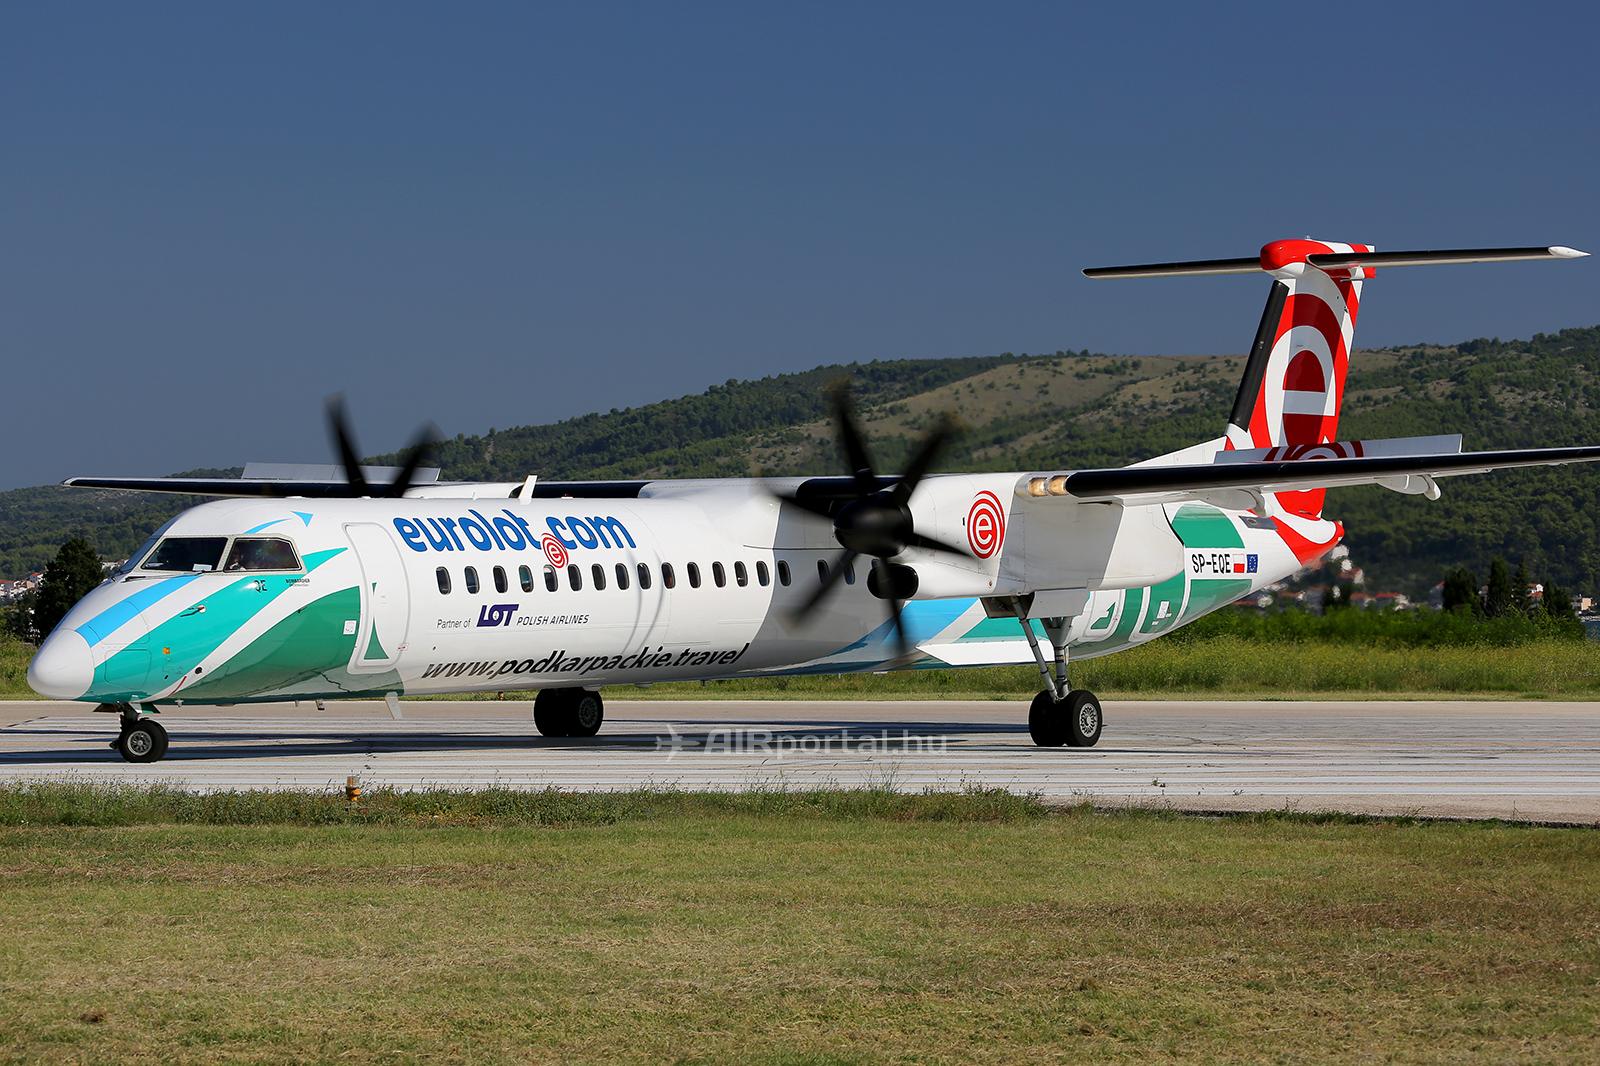 Az EuroLOT különleges festésű Bombardier Q400-as repülőgépe. (Fotó: AIRportal.hu) | © AIRportal.hu